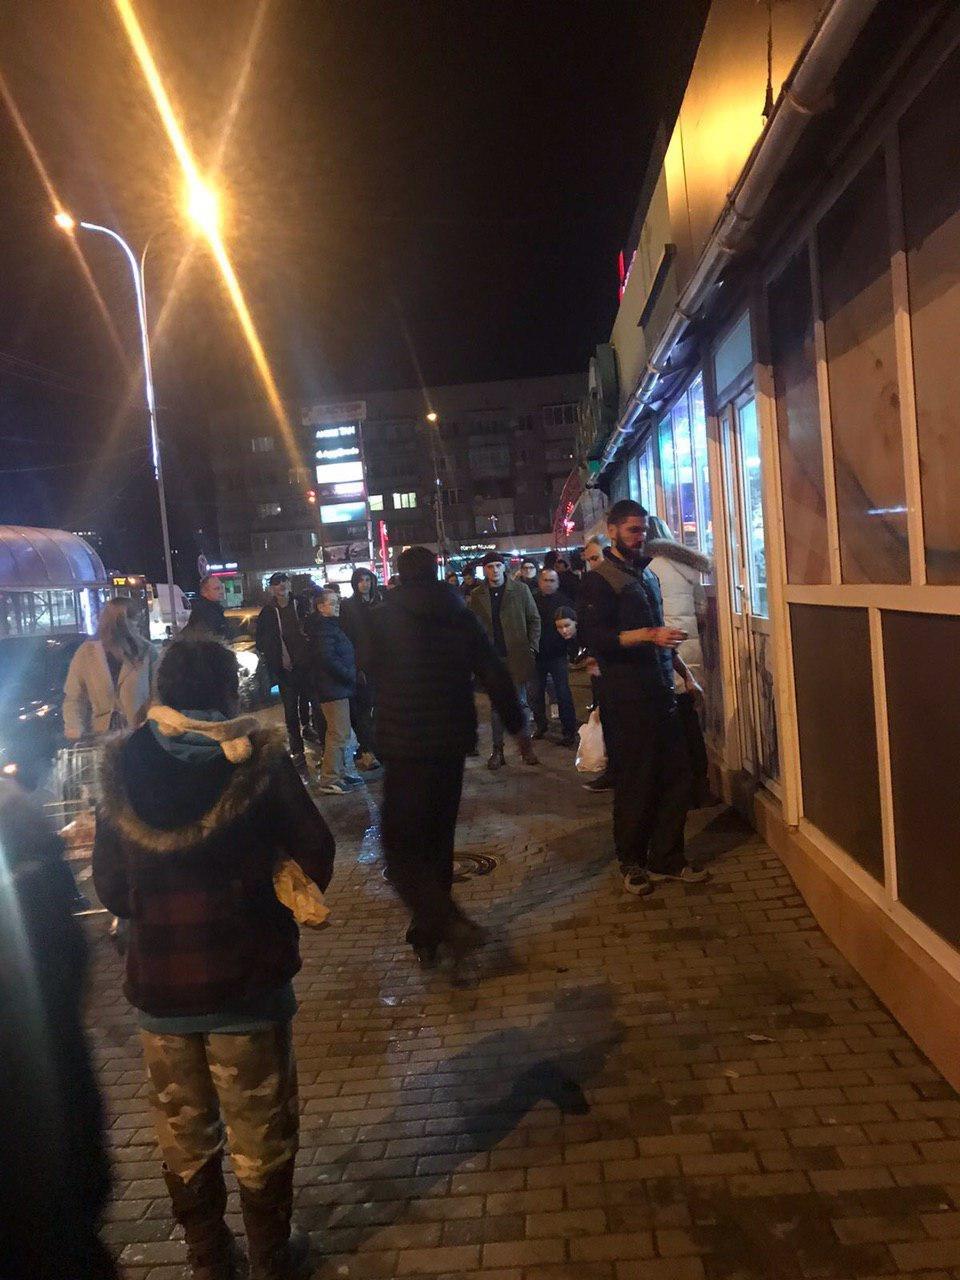 Чи було жорстоке побиття чоловіка в Ужгороді  - поліція надала офіційну інформацію інциденту (ФОТО), фото-3